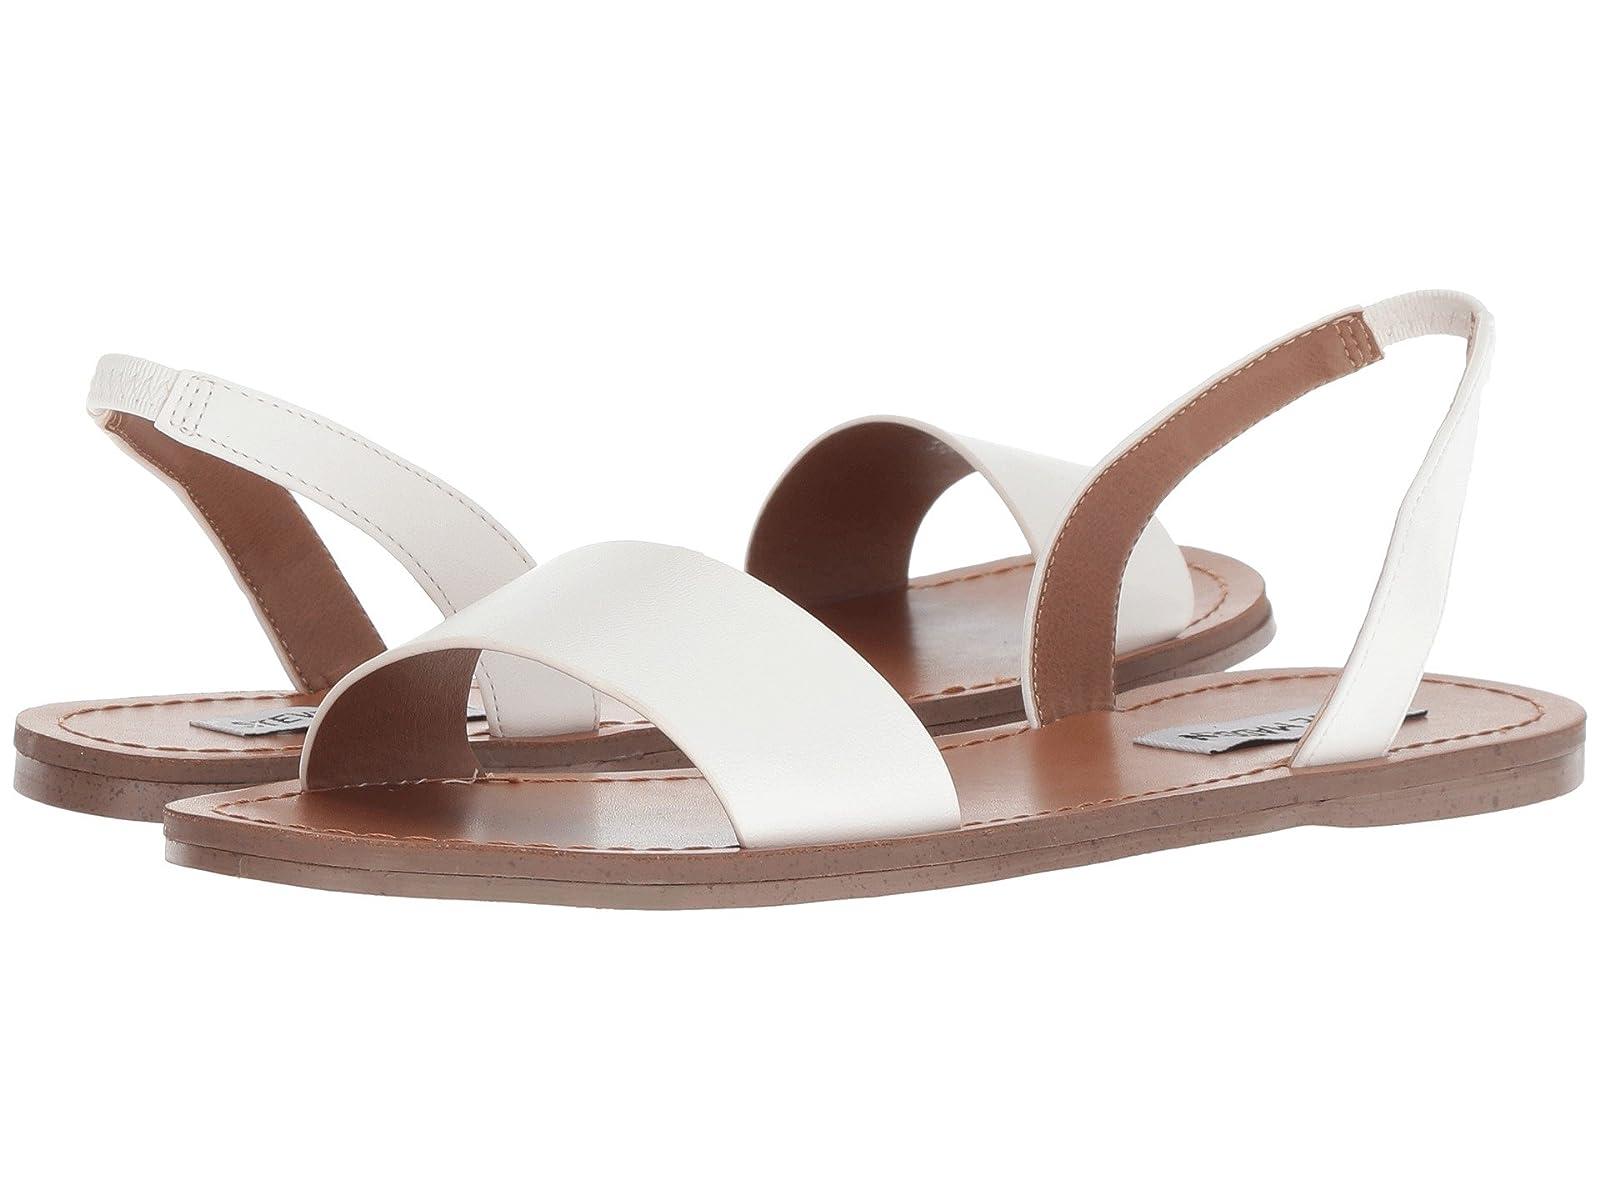 Steve Madden AlinaAtmospheric grades have affordable shoes